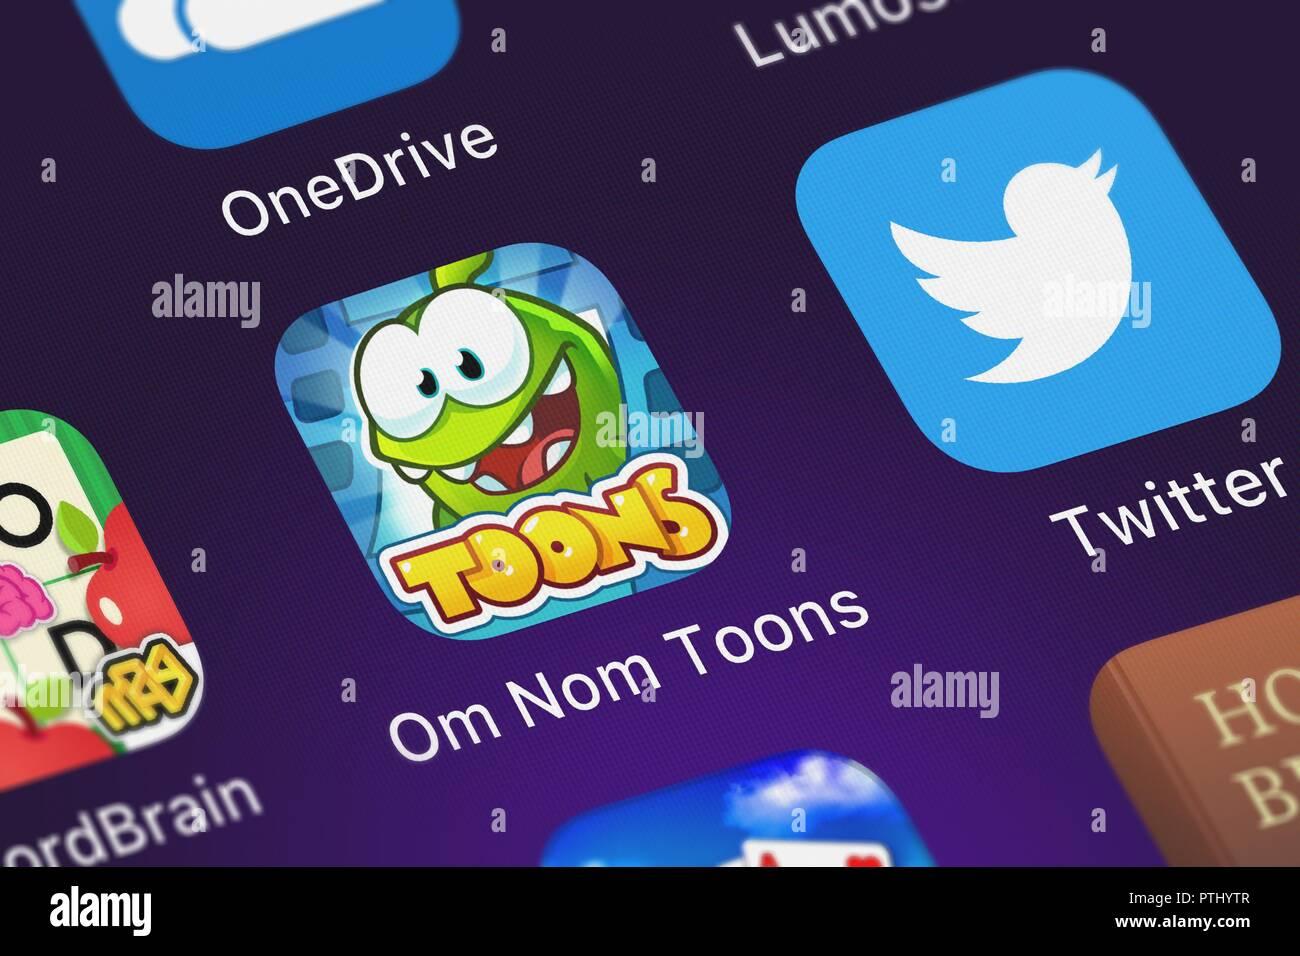 London, Großbritannien - 09 Oktober, 2018: Die Om nom Toons mobile App von ZeptoLab UK Limited auf einem iPhone Bildschirm. Stockbild